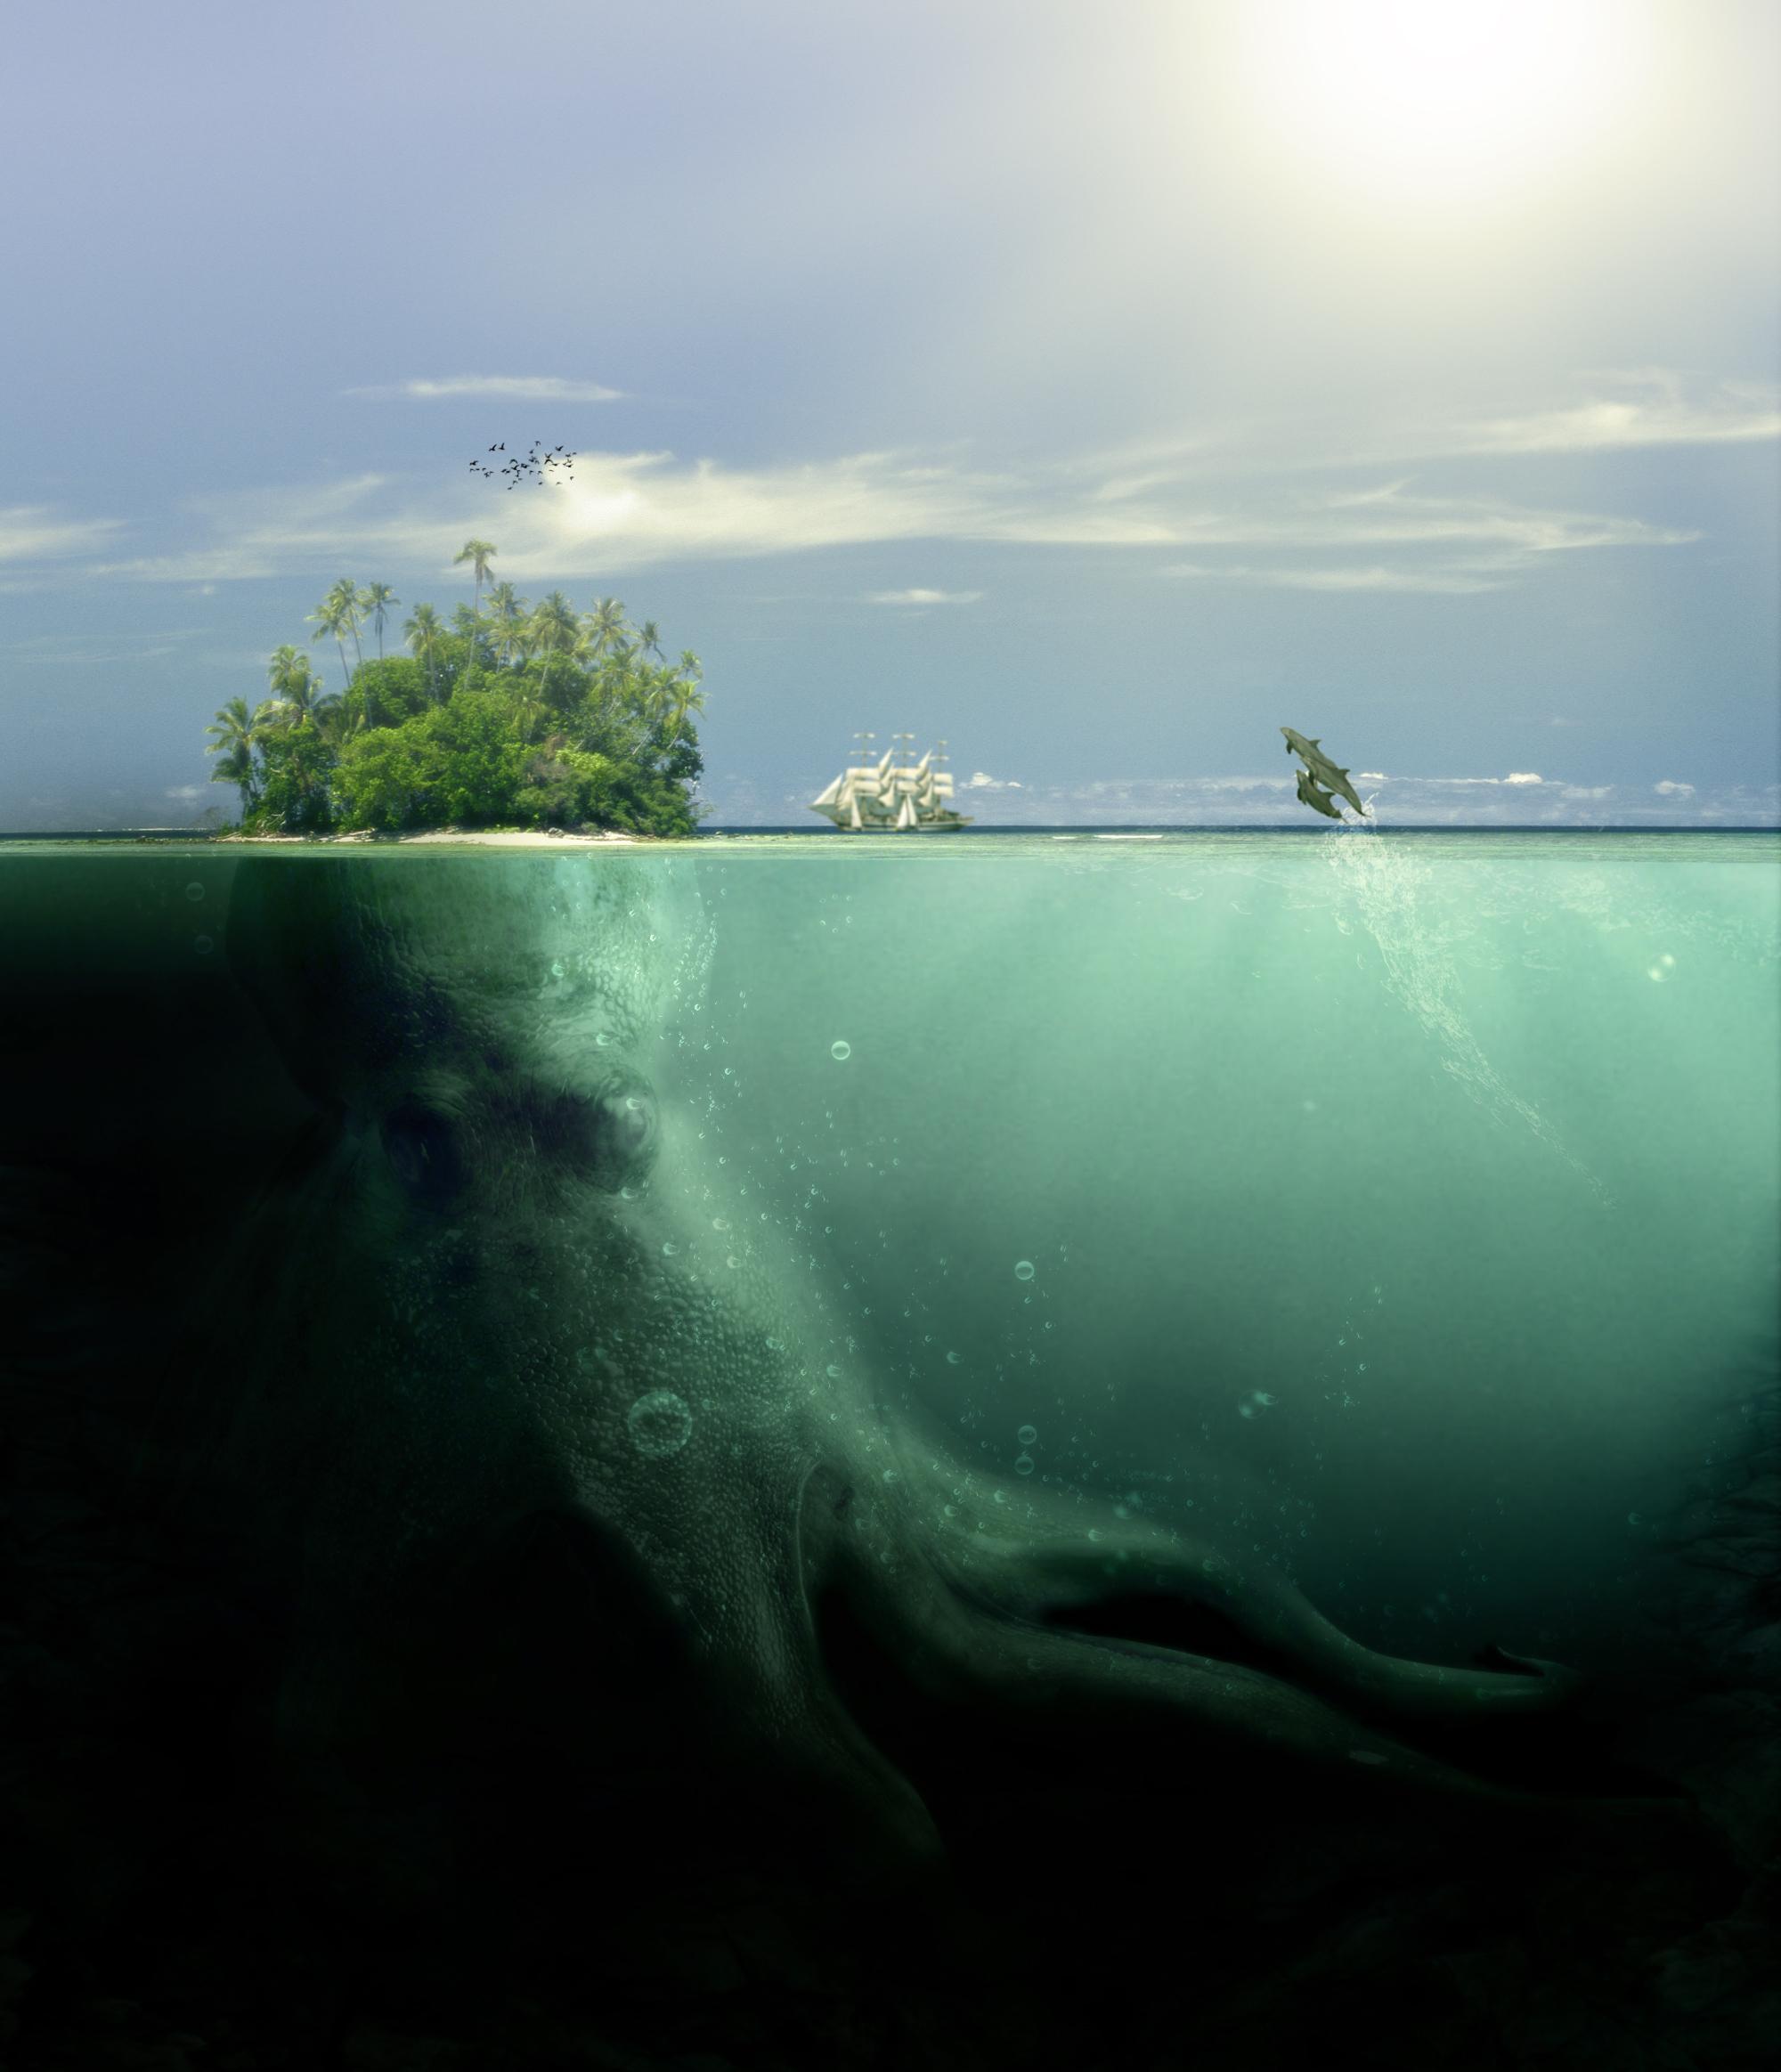 Спокойна глубина моего моря: никто и не догадывается о том, какие забавные чудовища скрывает...